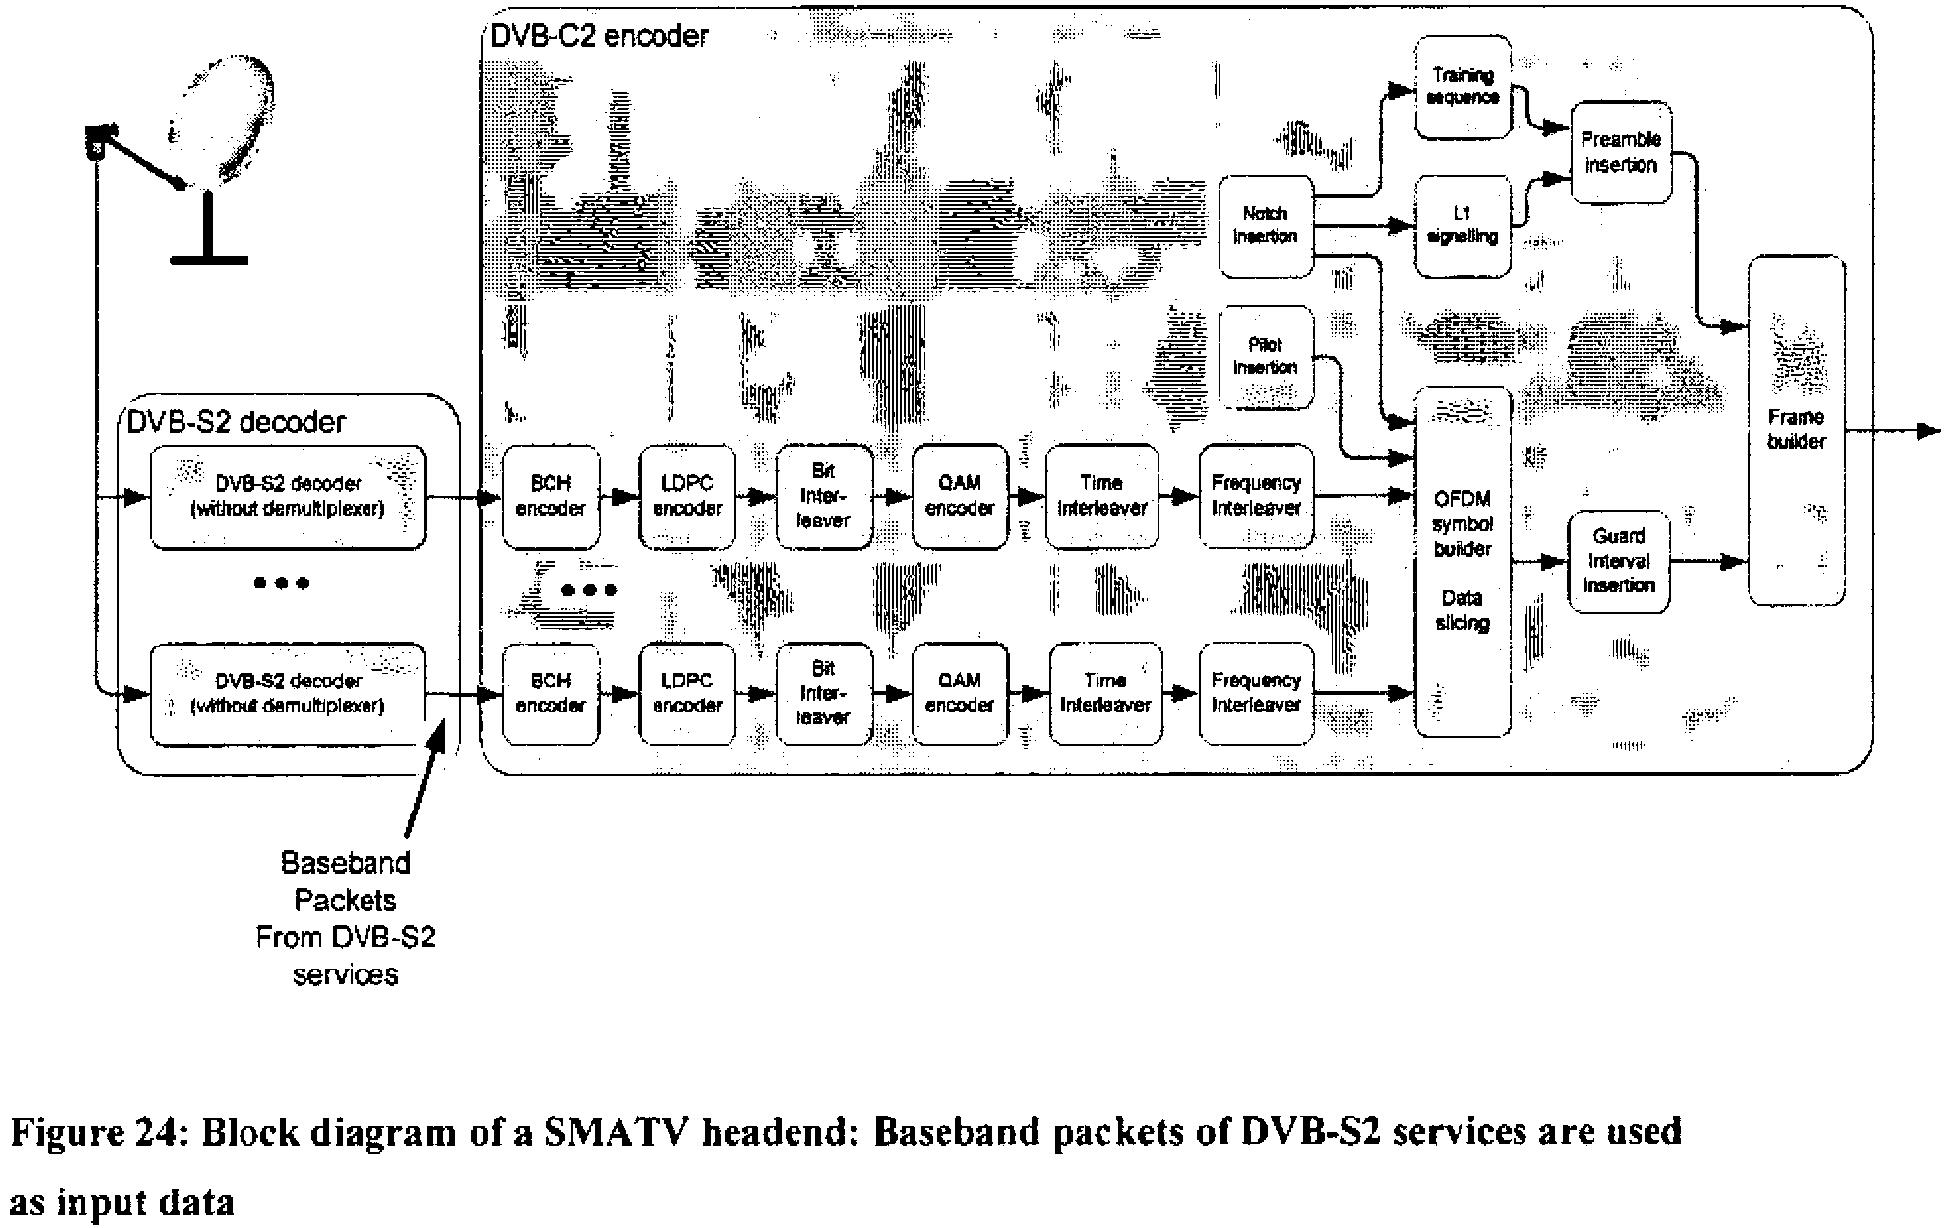 hardware basics diagram